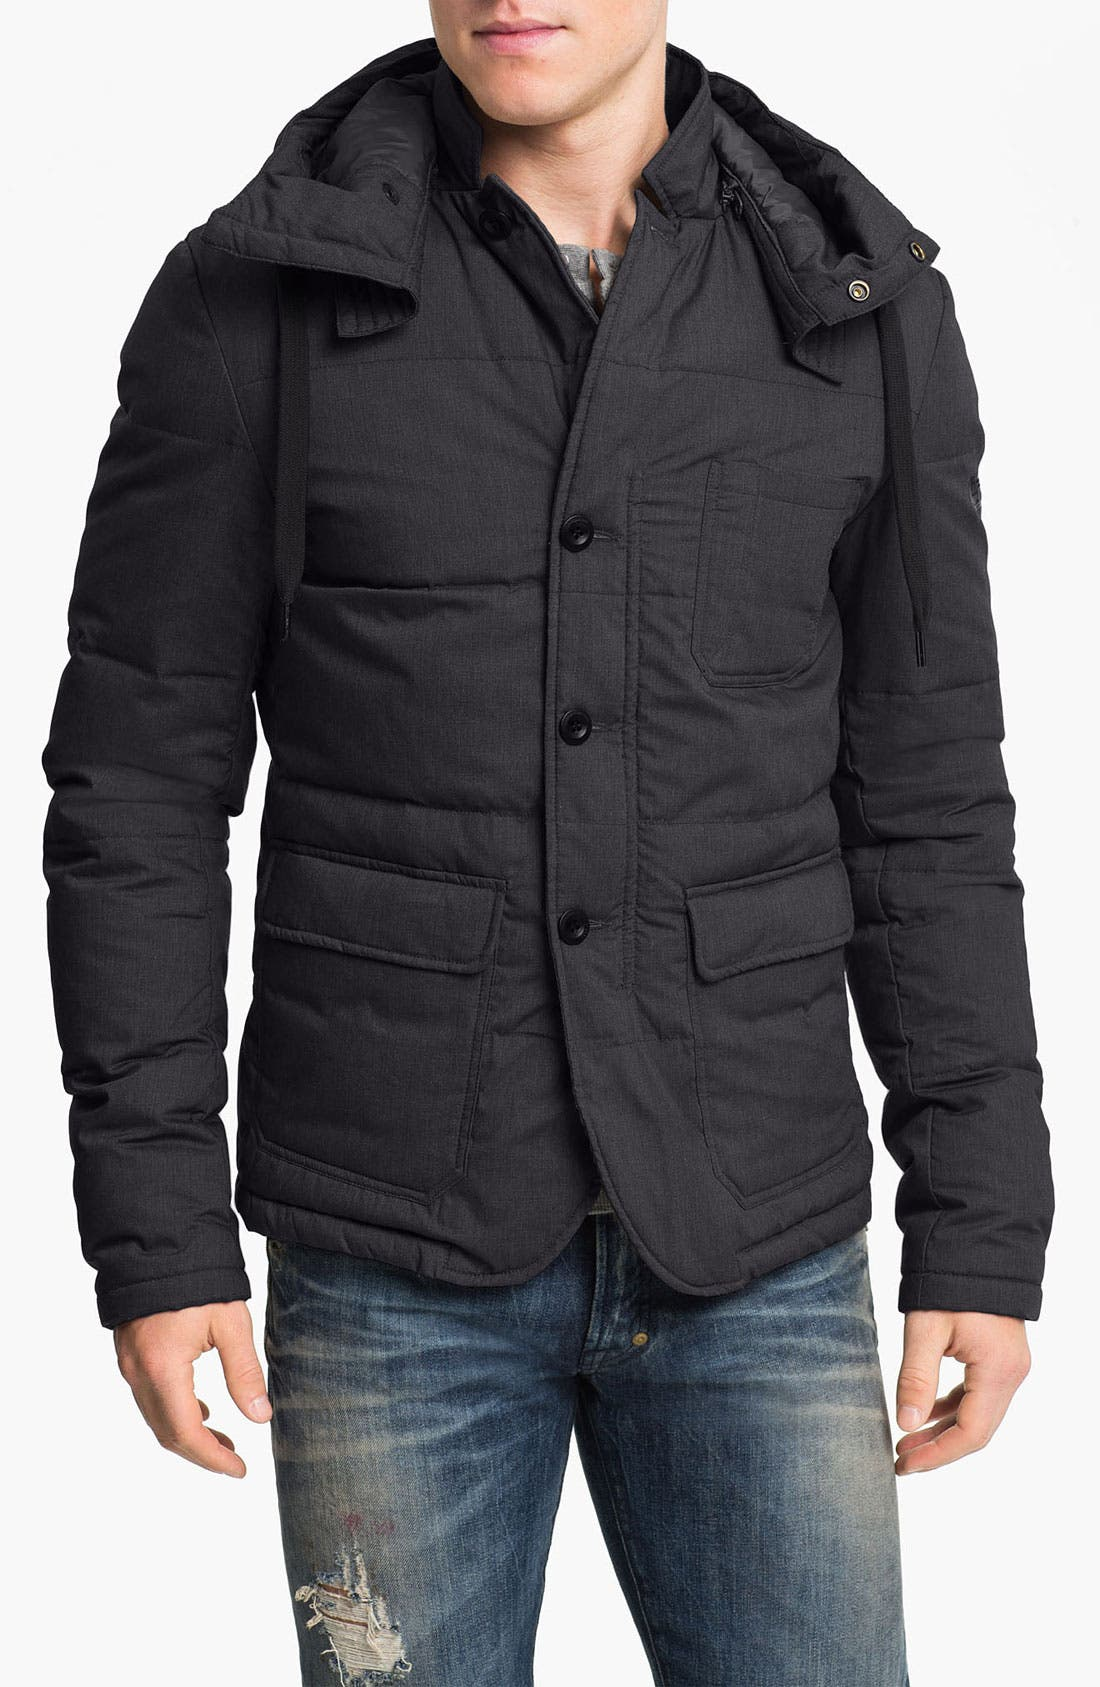 Alternate Image 1 Selected - DIESEL® 'Walliope' Jacket